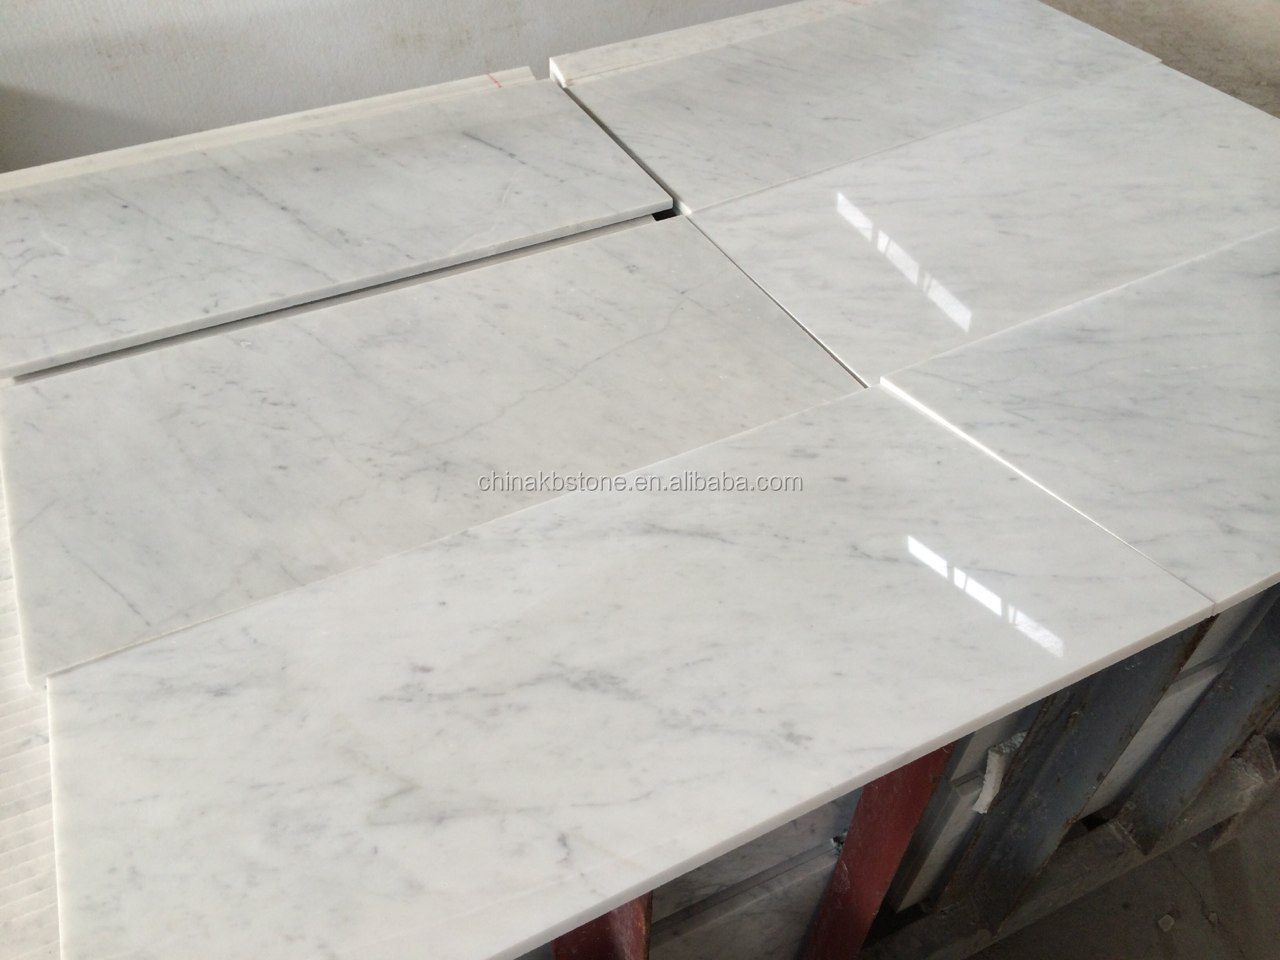 Dalles de marbre blanc de carrare sol en marbre et for Carrelage de marbre blanc